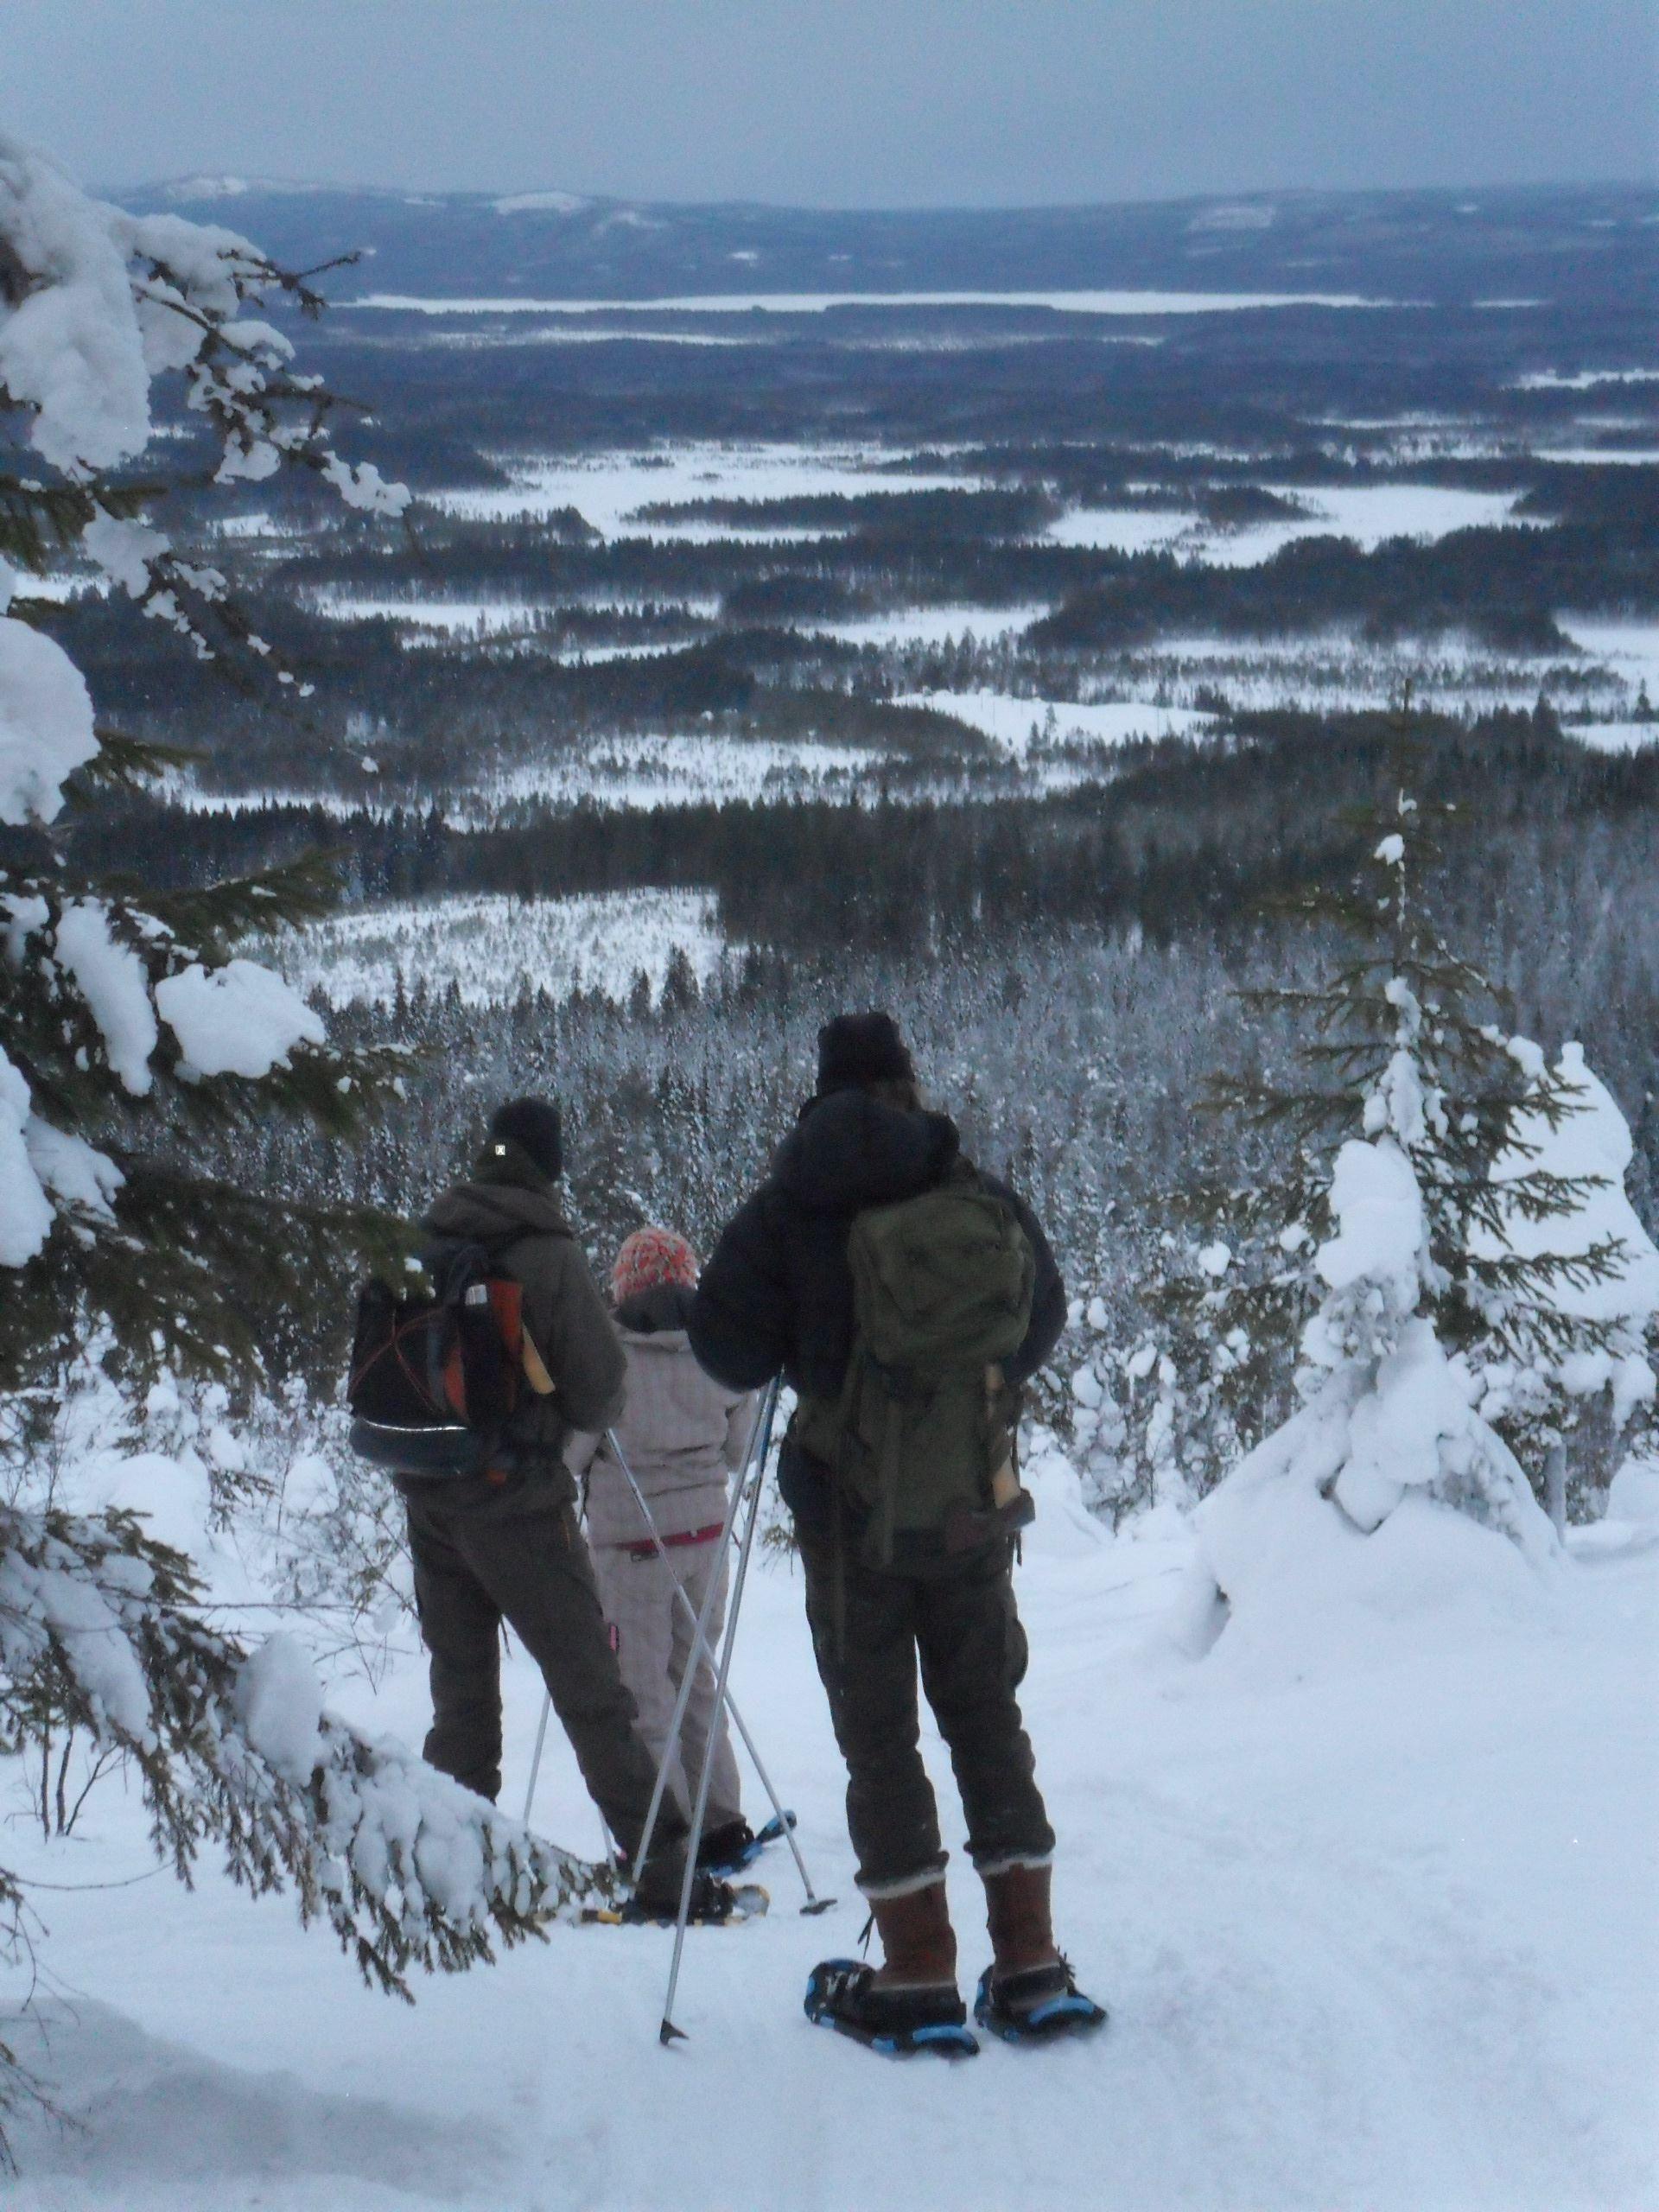 Yttermalungsäventyr guidade snöskovandring